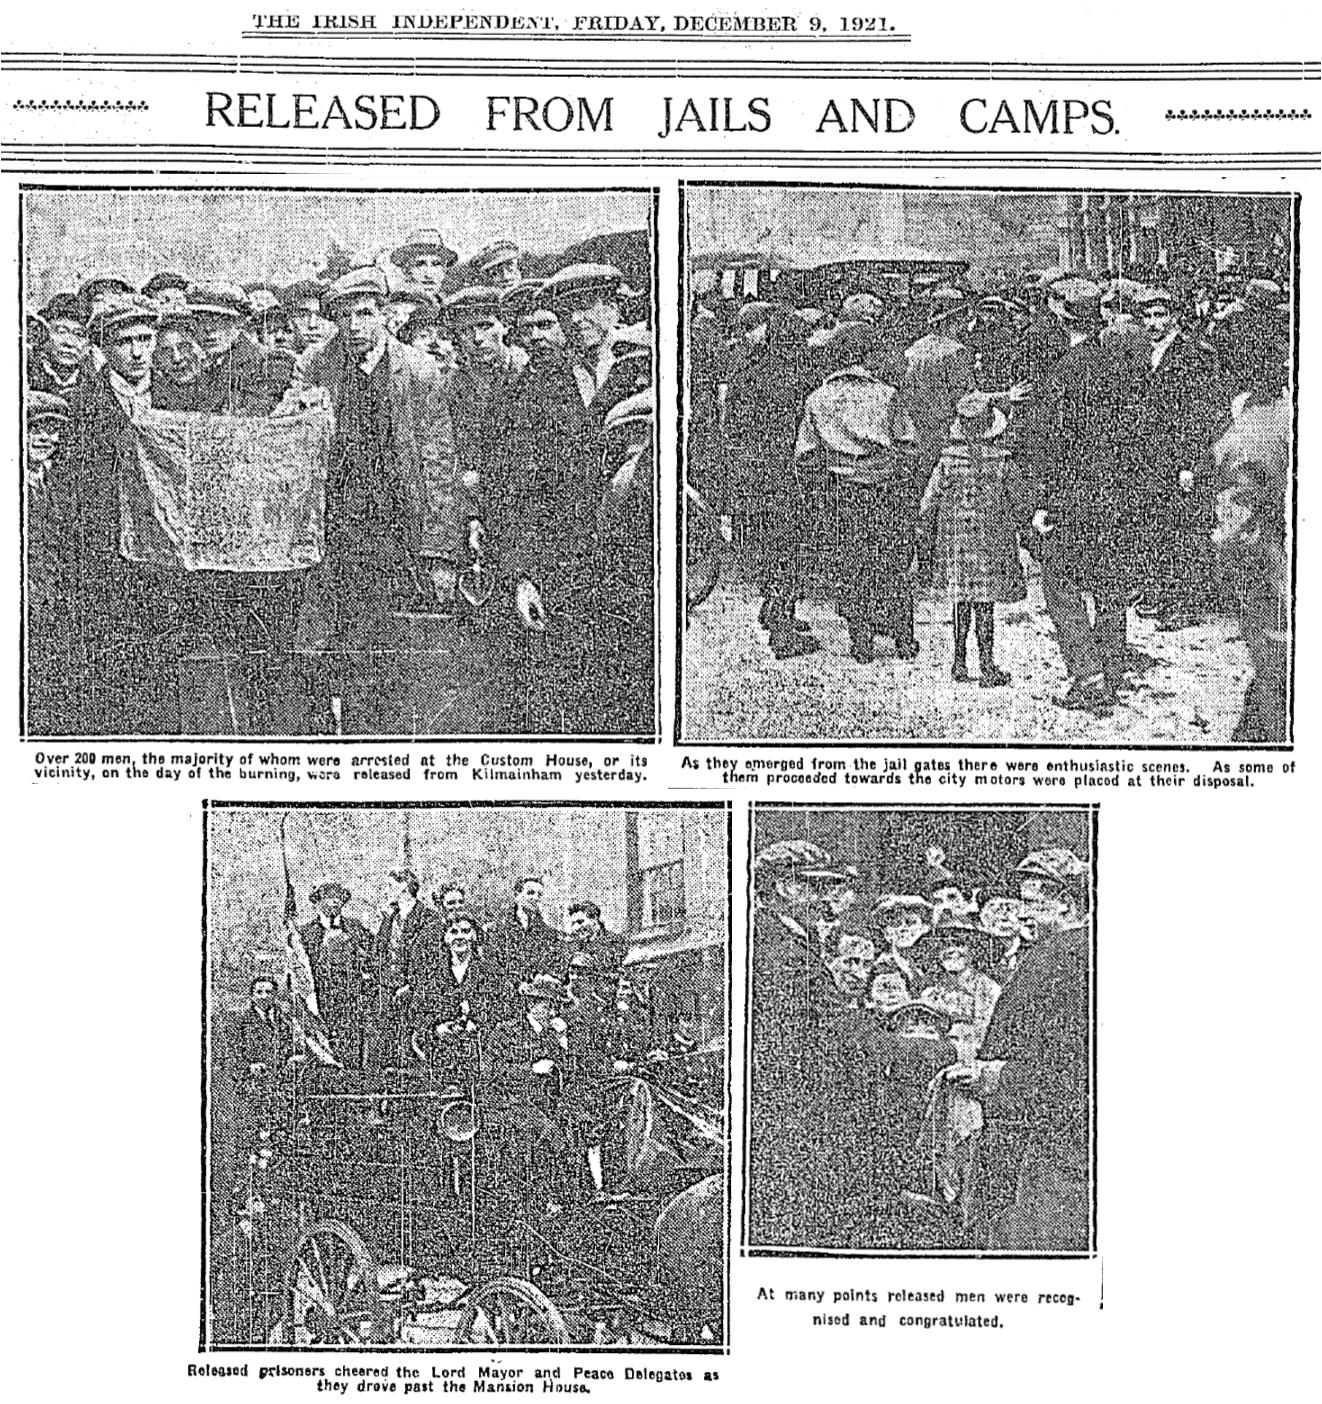 Kilmainham men released (Indo 9-12-1921)